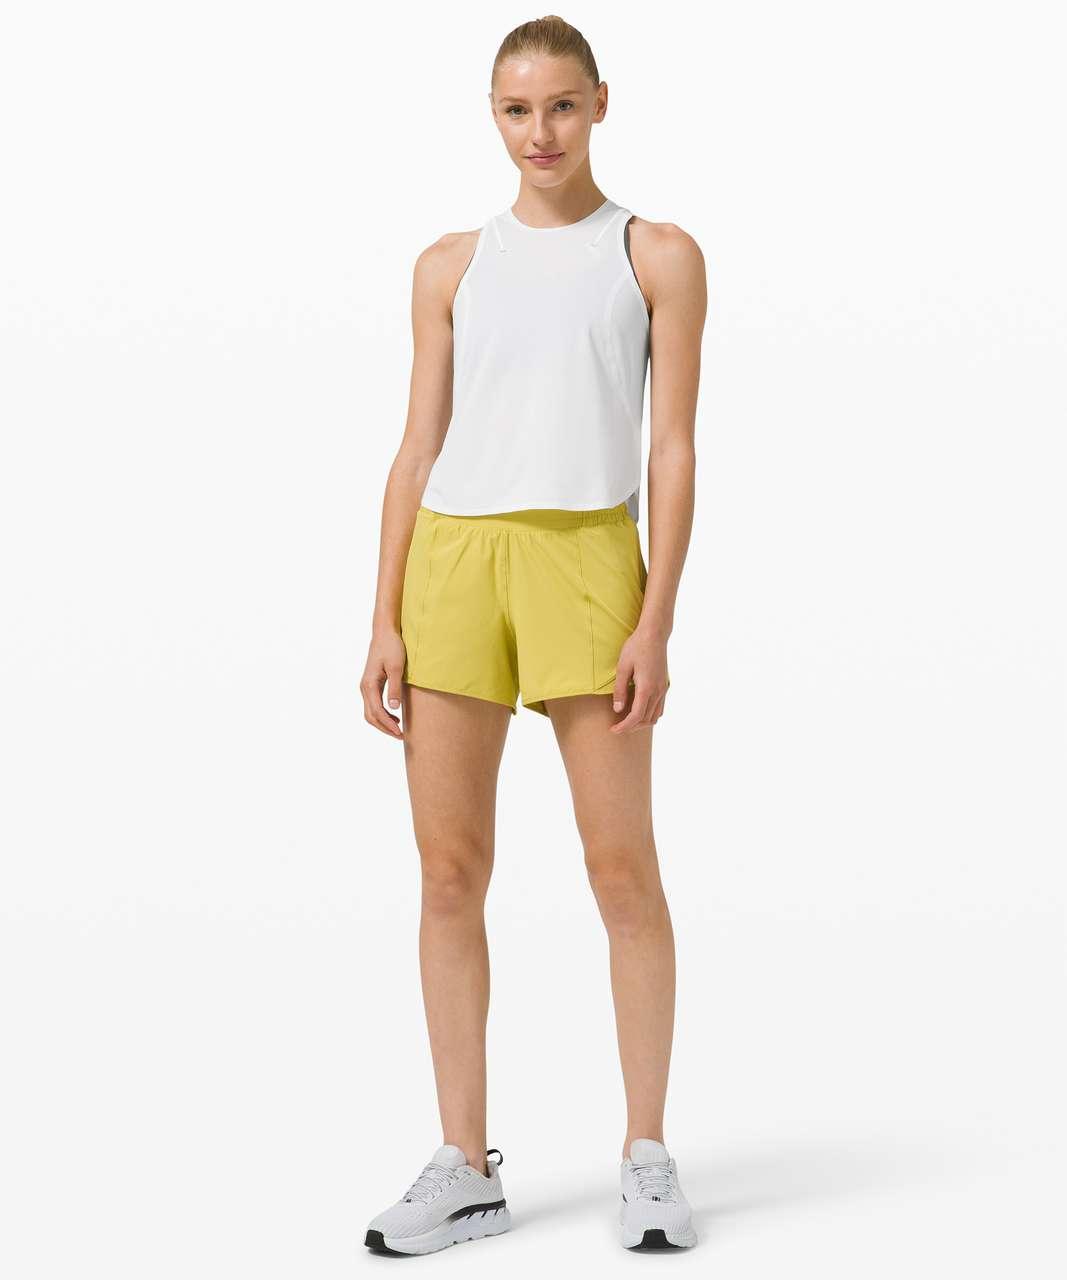 Lululemon Lightweight Run Kit Tank Top - White